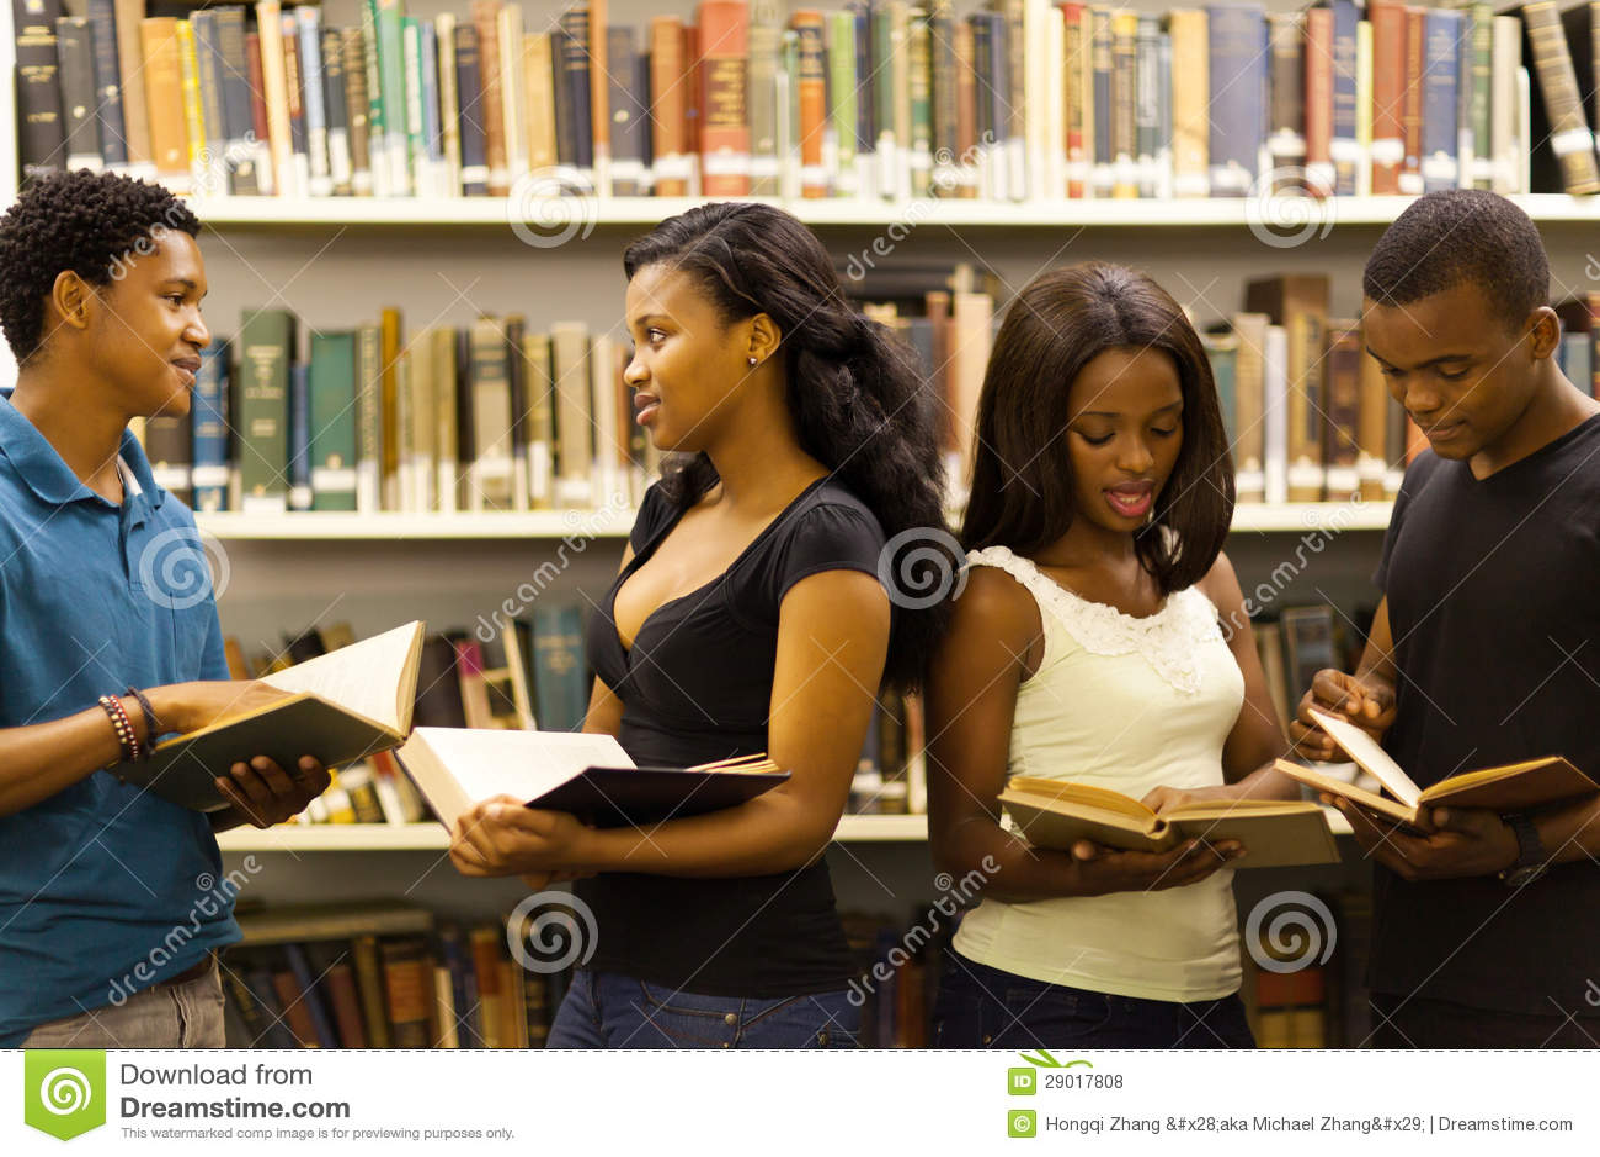 Libreria africana degli studenti